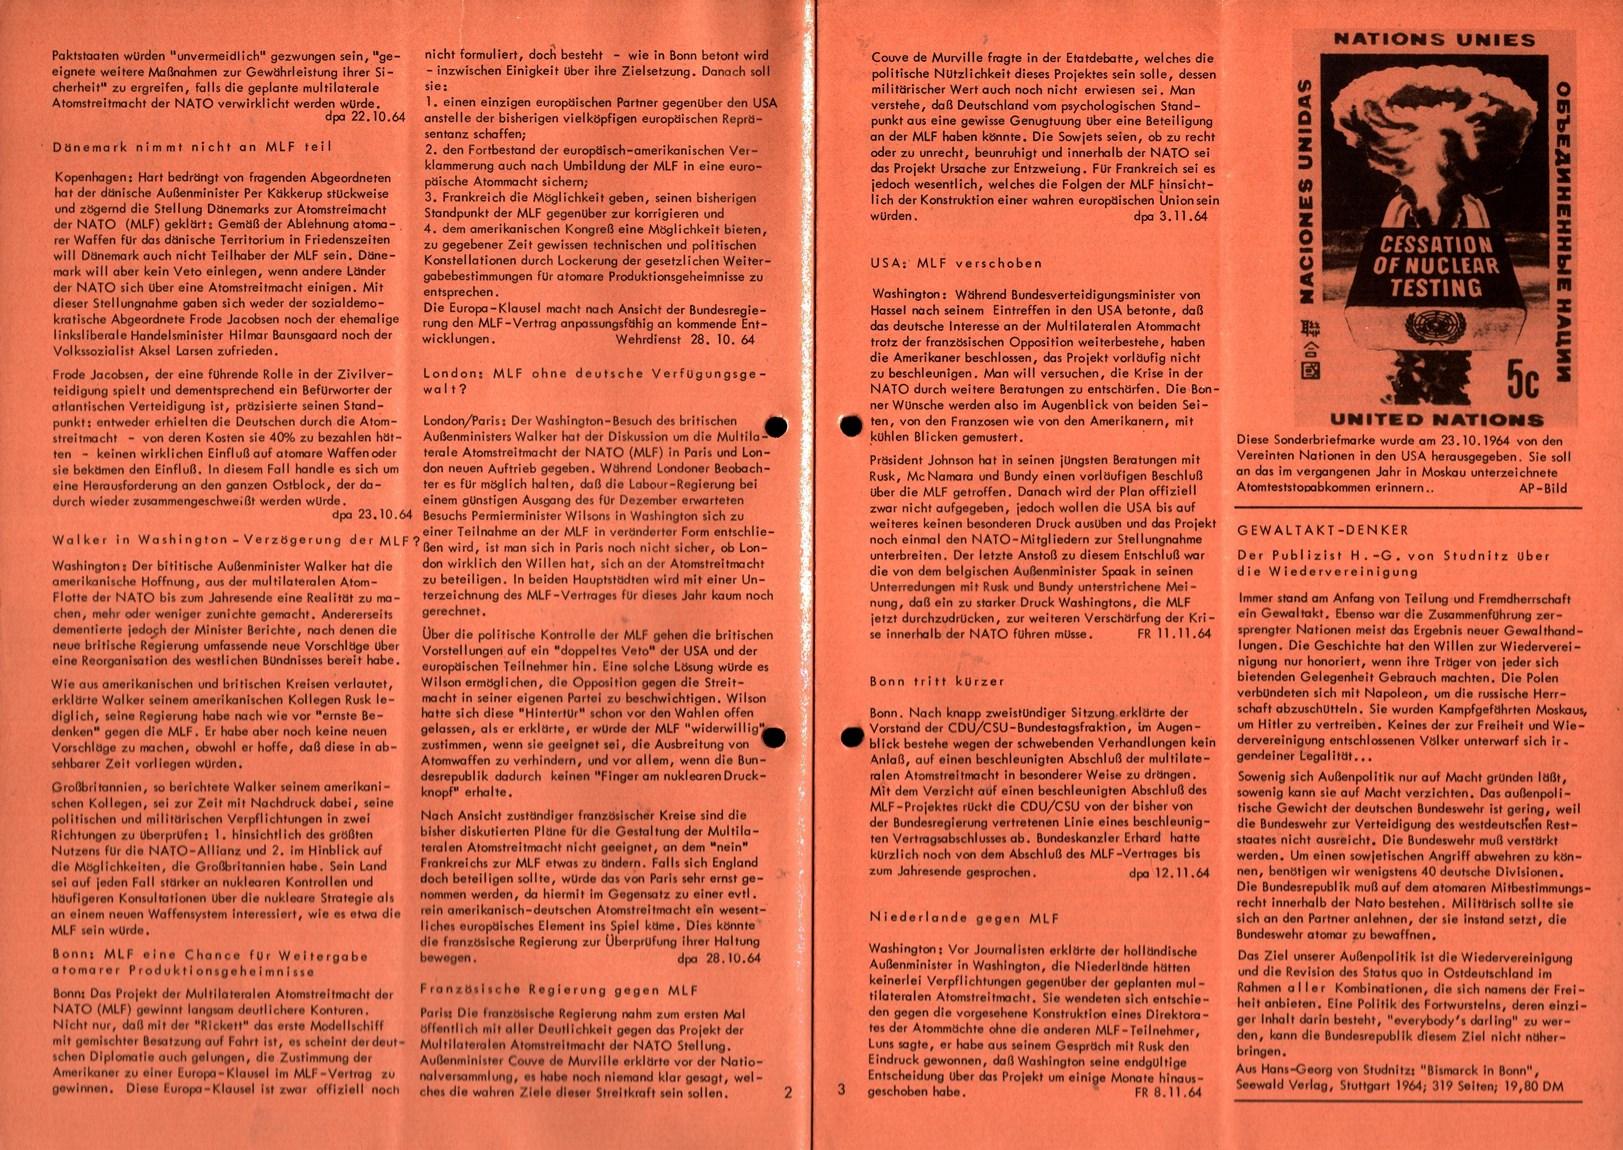 Infos_zur_Abruestung_1964_017_002